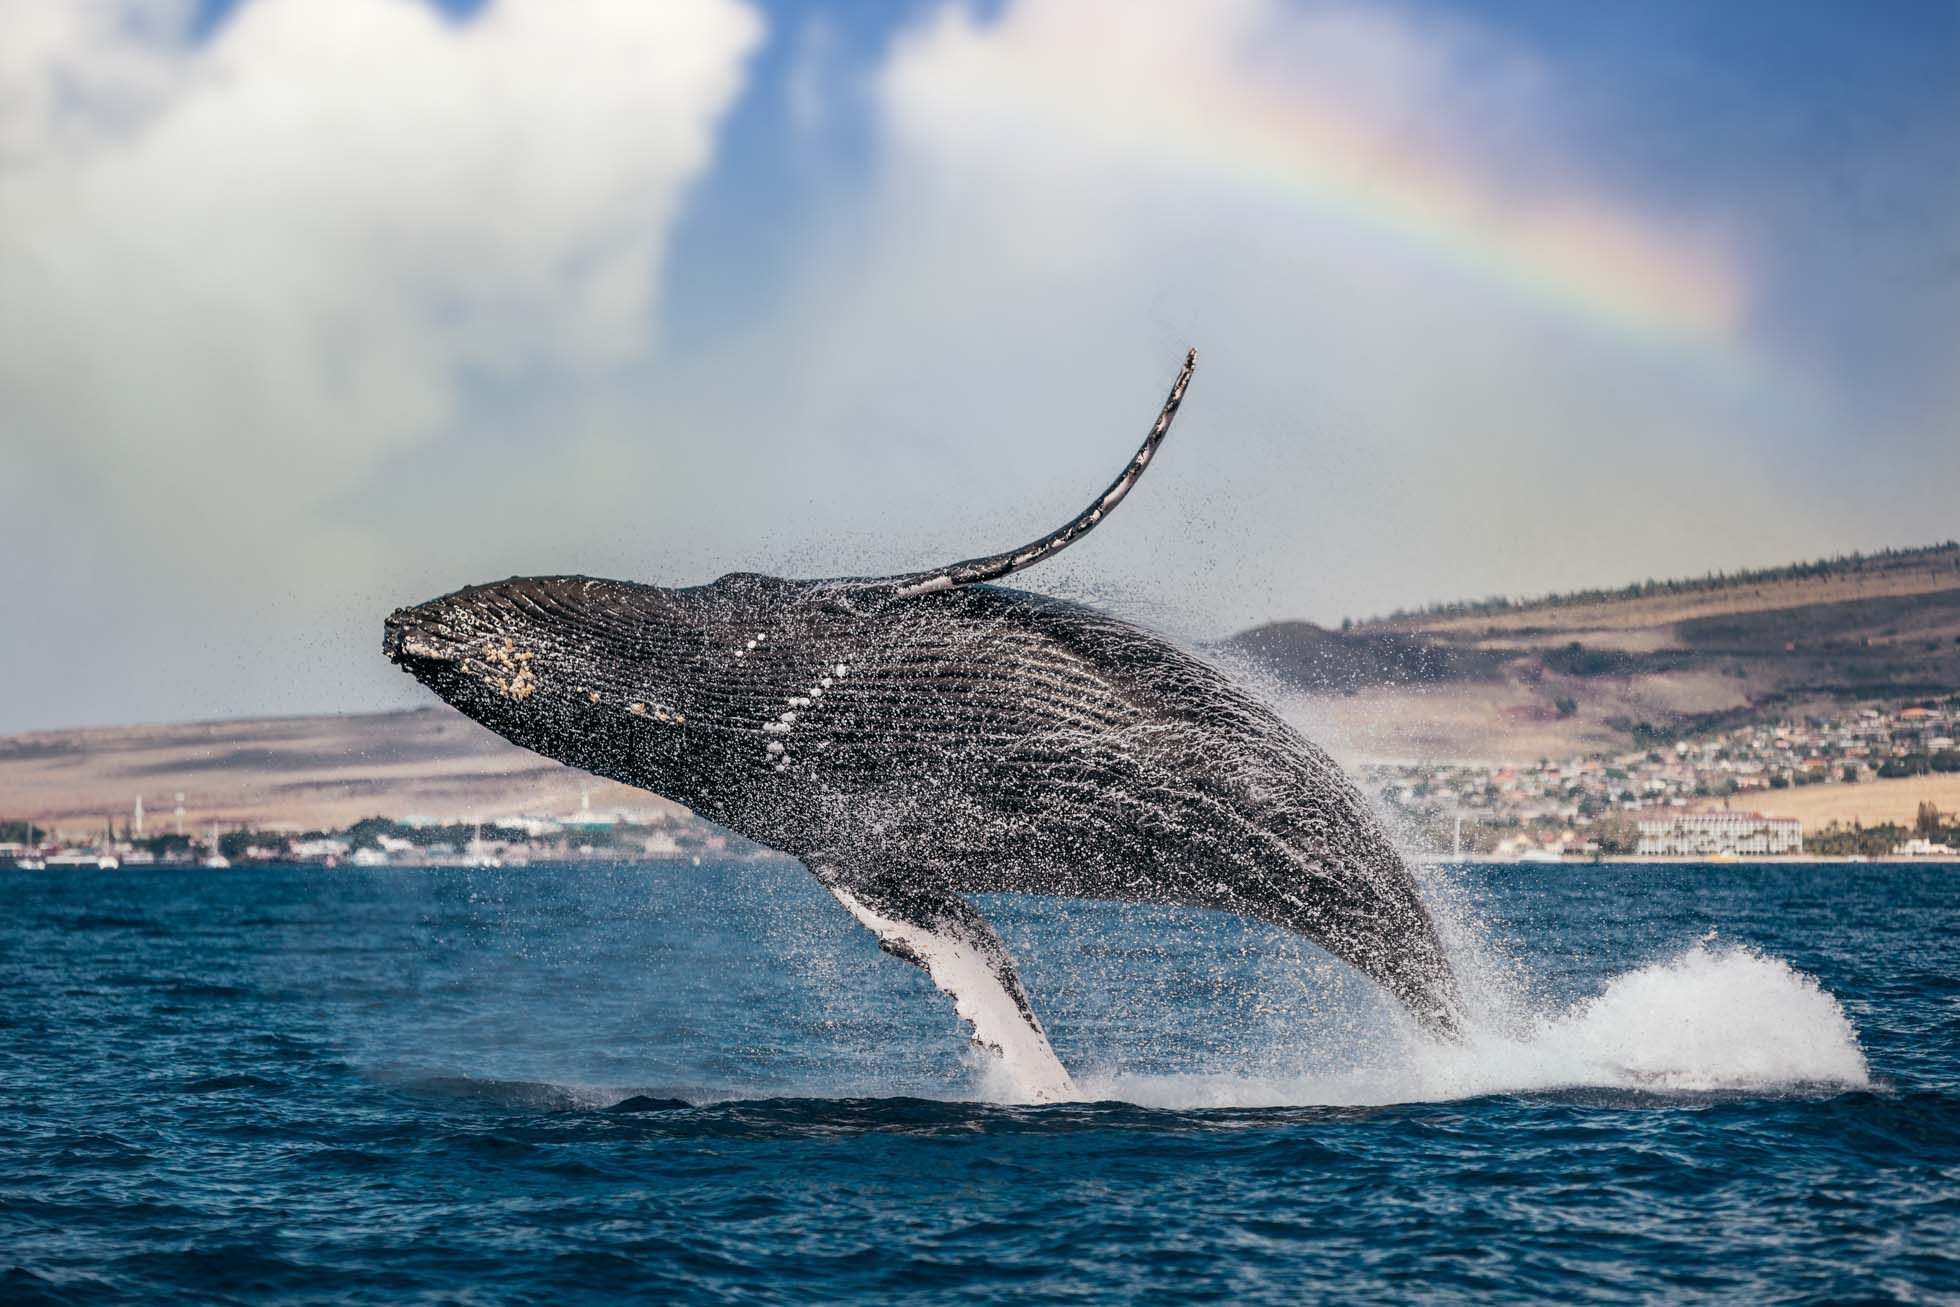 humpback-whale-breach-maui-rainbow-DP